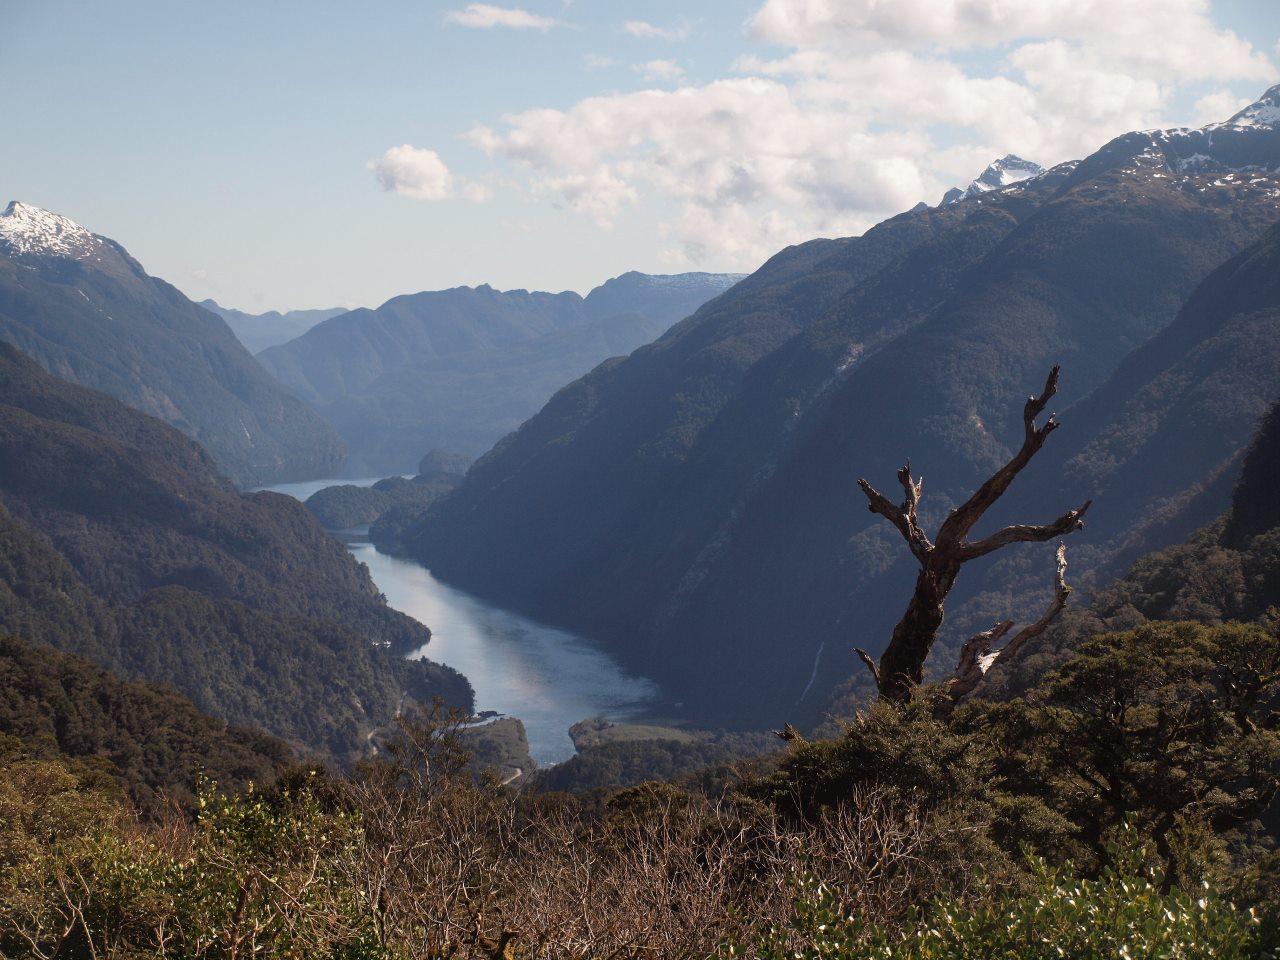 マナポウリ湖をクルーズし、山道を走って、ようやく眼下に目的地のダウトフルサウンドが見えてきた。